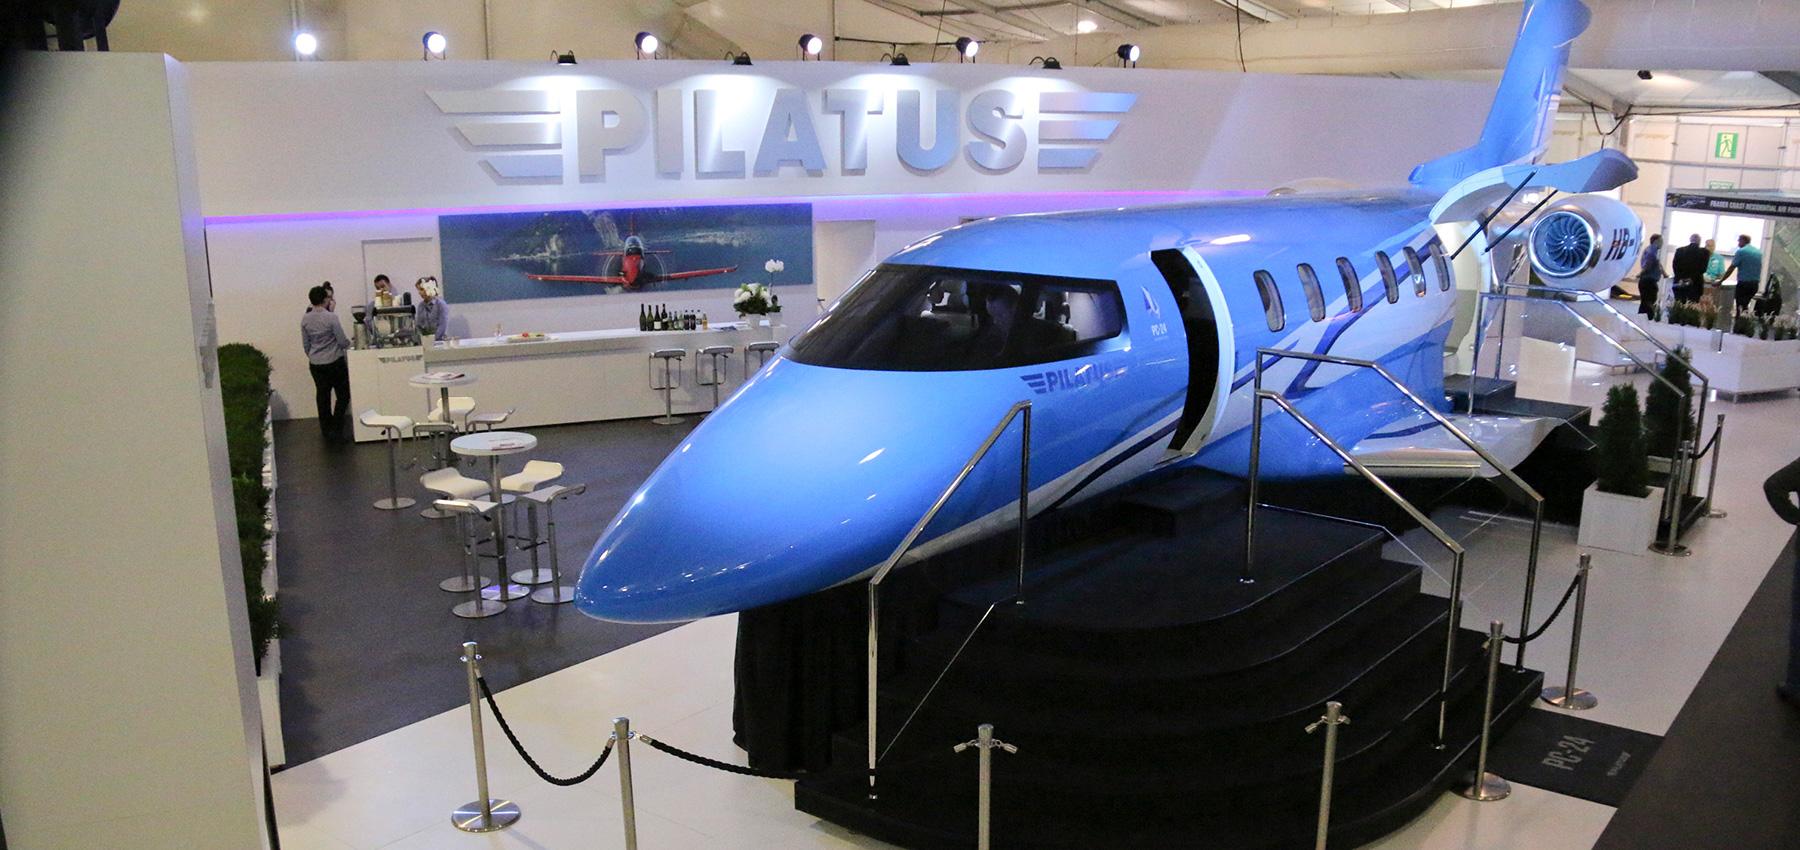 Pilatus-SH-01.jpg